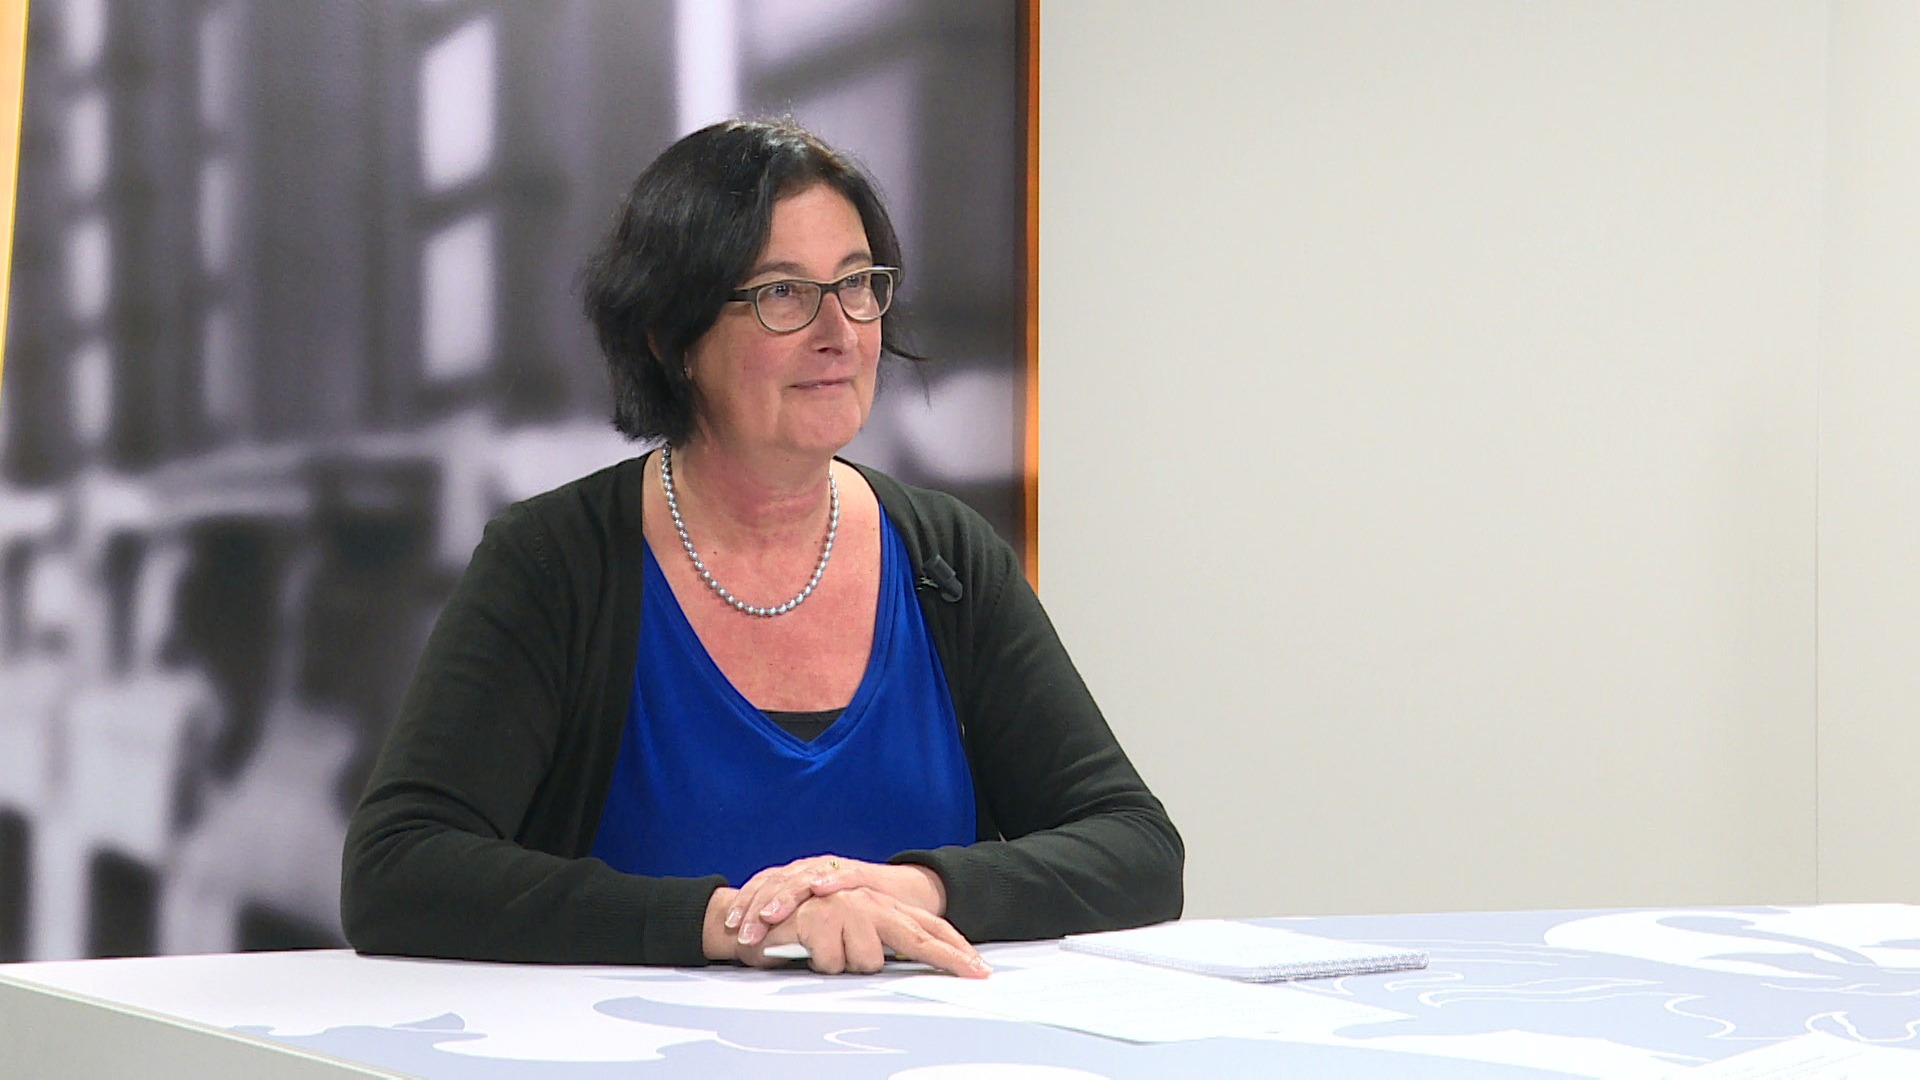 Studio Commissie: Ingeborg De Meulemeester over lange reistijden bij leerlingenvervoer